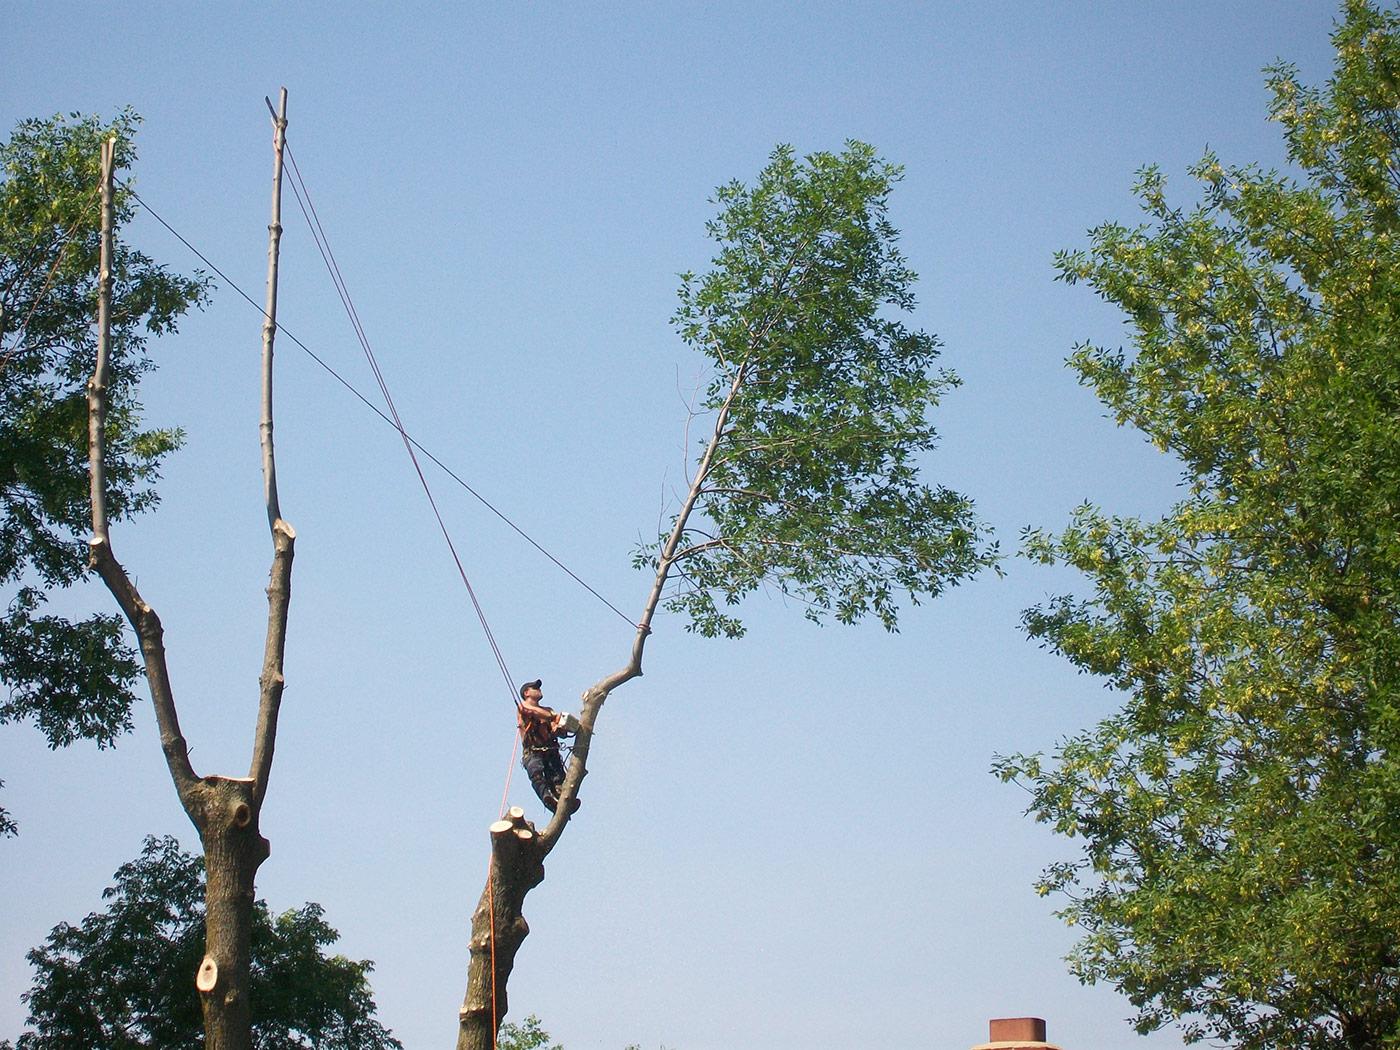 Découpage d'arbre en hauteur par arboriculteur certifié